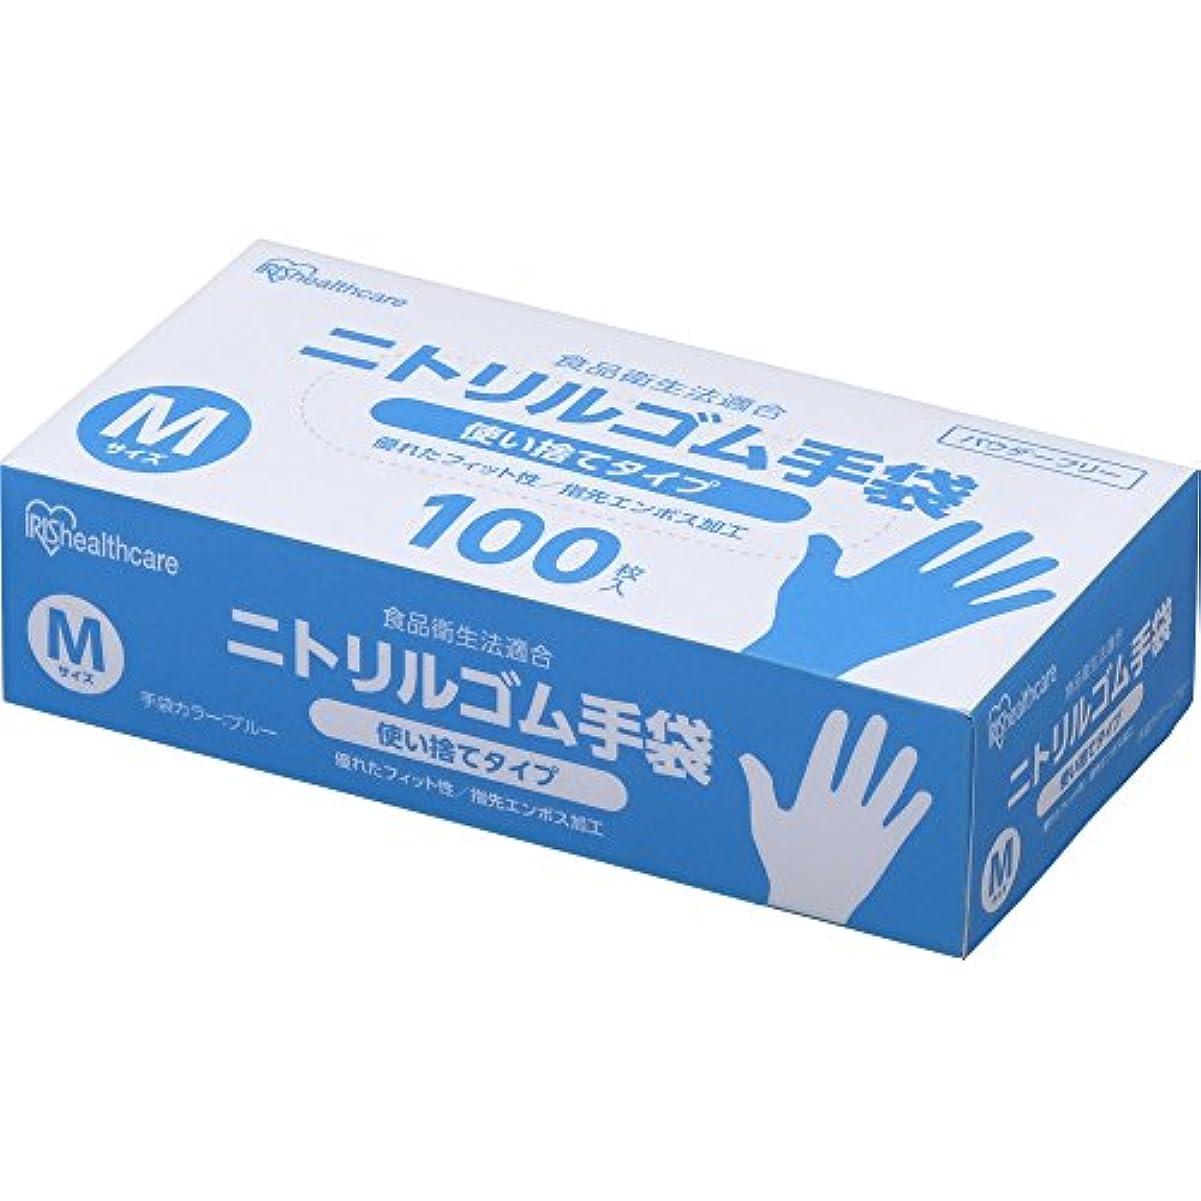 活力異常なクマノミアイリスオーヤマ 使い捨て手袋 ブルー ニトリルゴム 100枚 Mサイズ 業務用